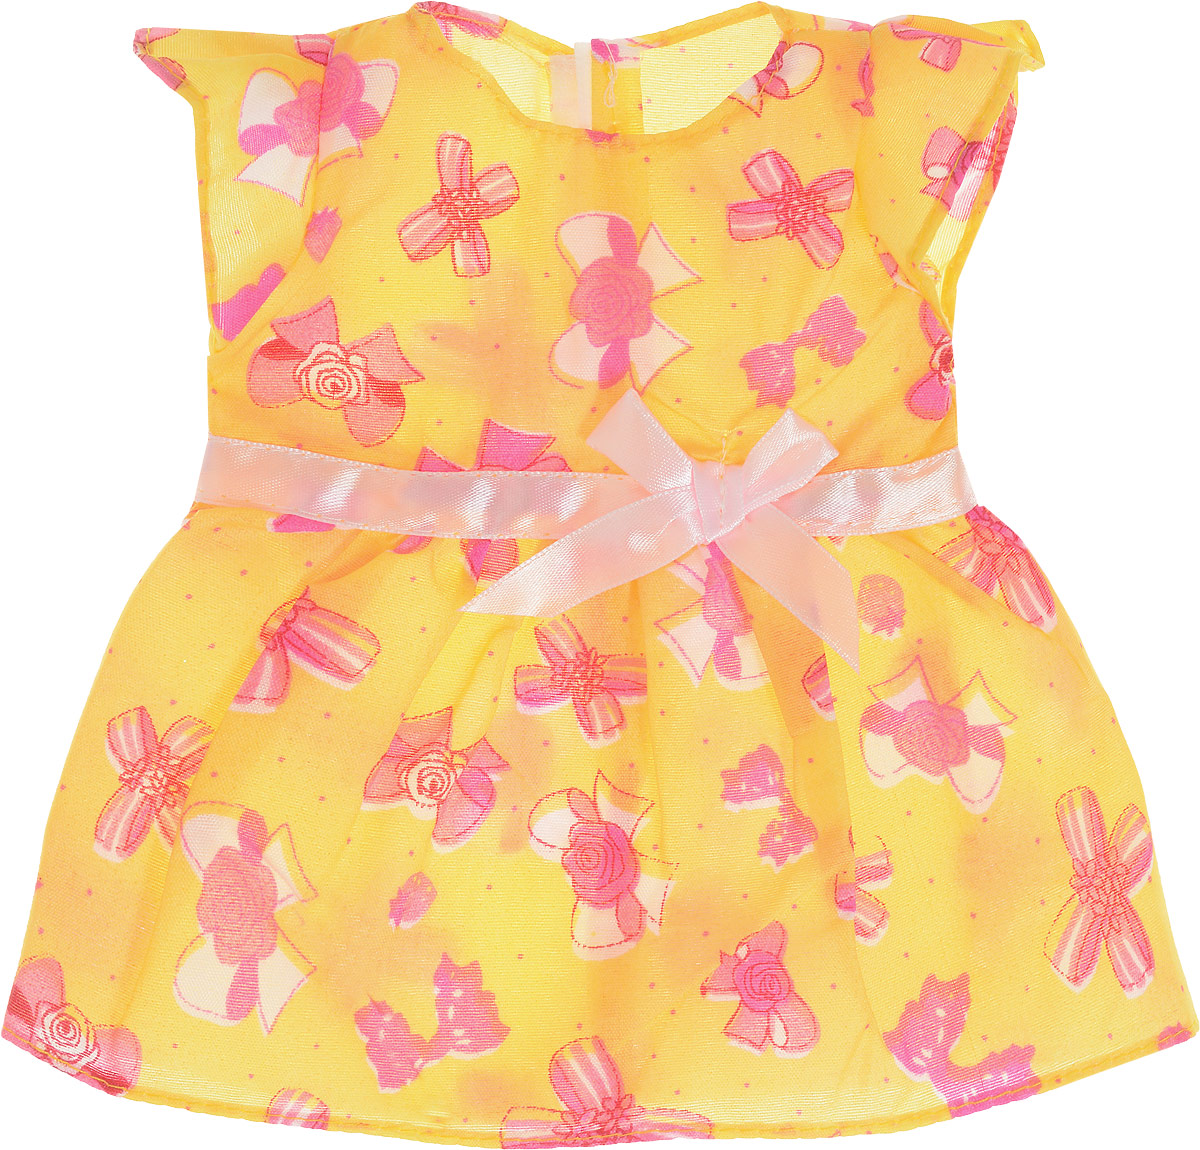 Junfa Toys Одежда для кукол Платье цвет желтый куклы и одежда для кукол bayer малышка первый поцелуй 42 см